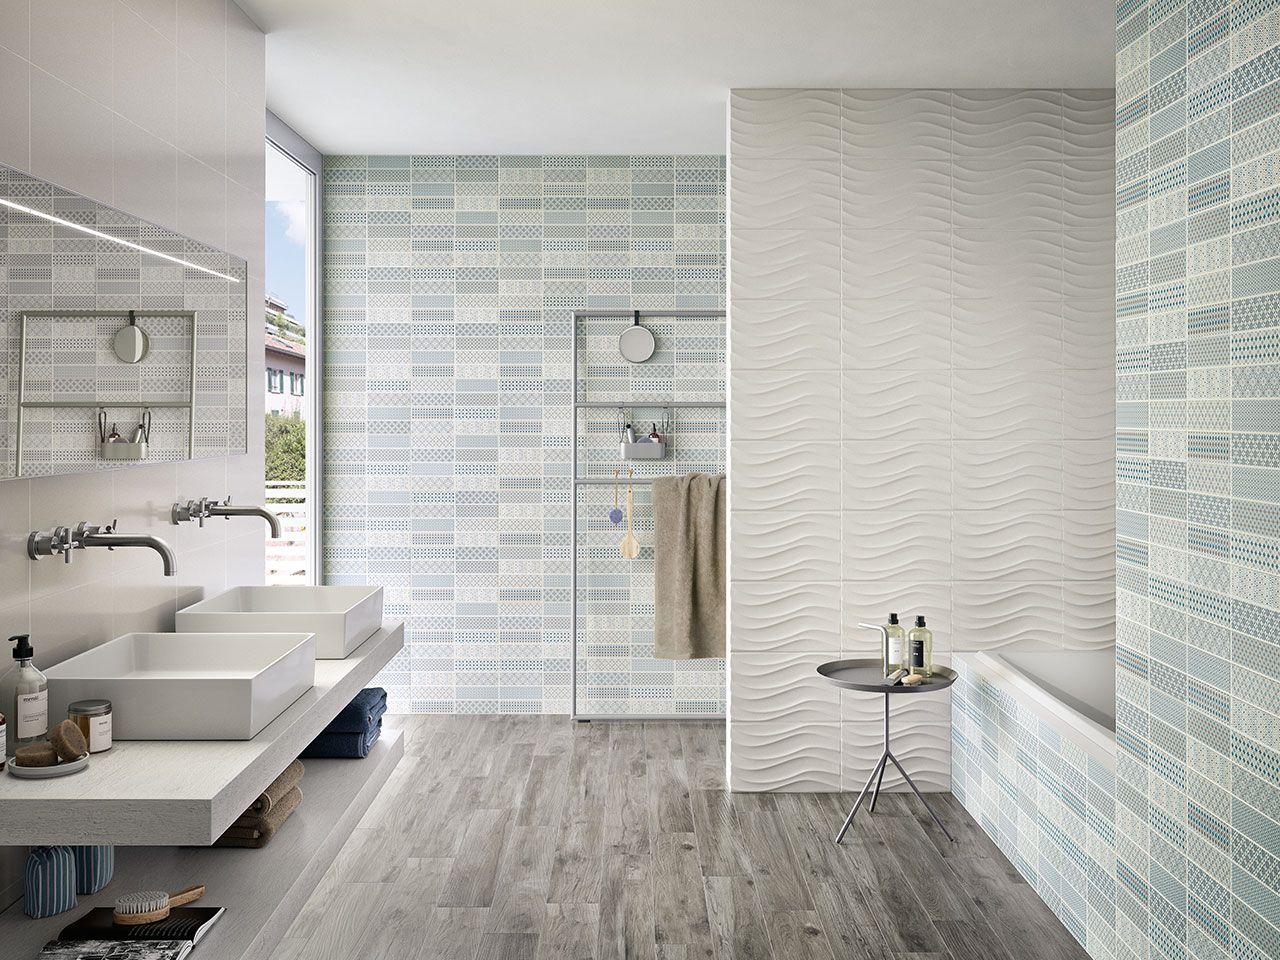 Rivestimento bagno in bicottura serie pattern blue formato